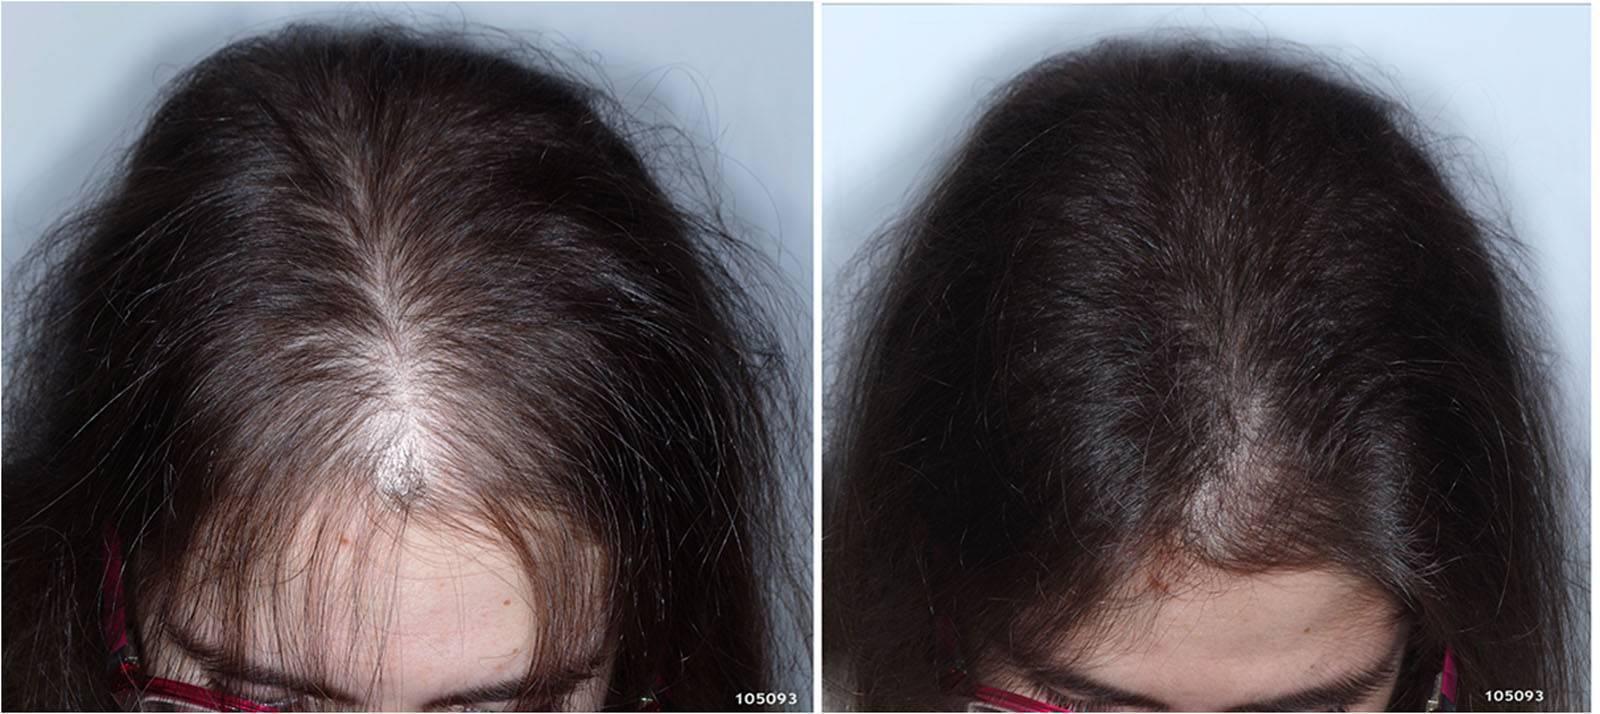 Курение и выпадение волос у мужчин - все о росте волос